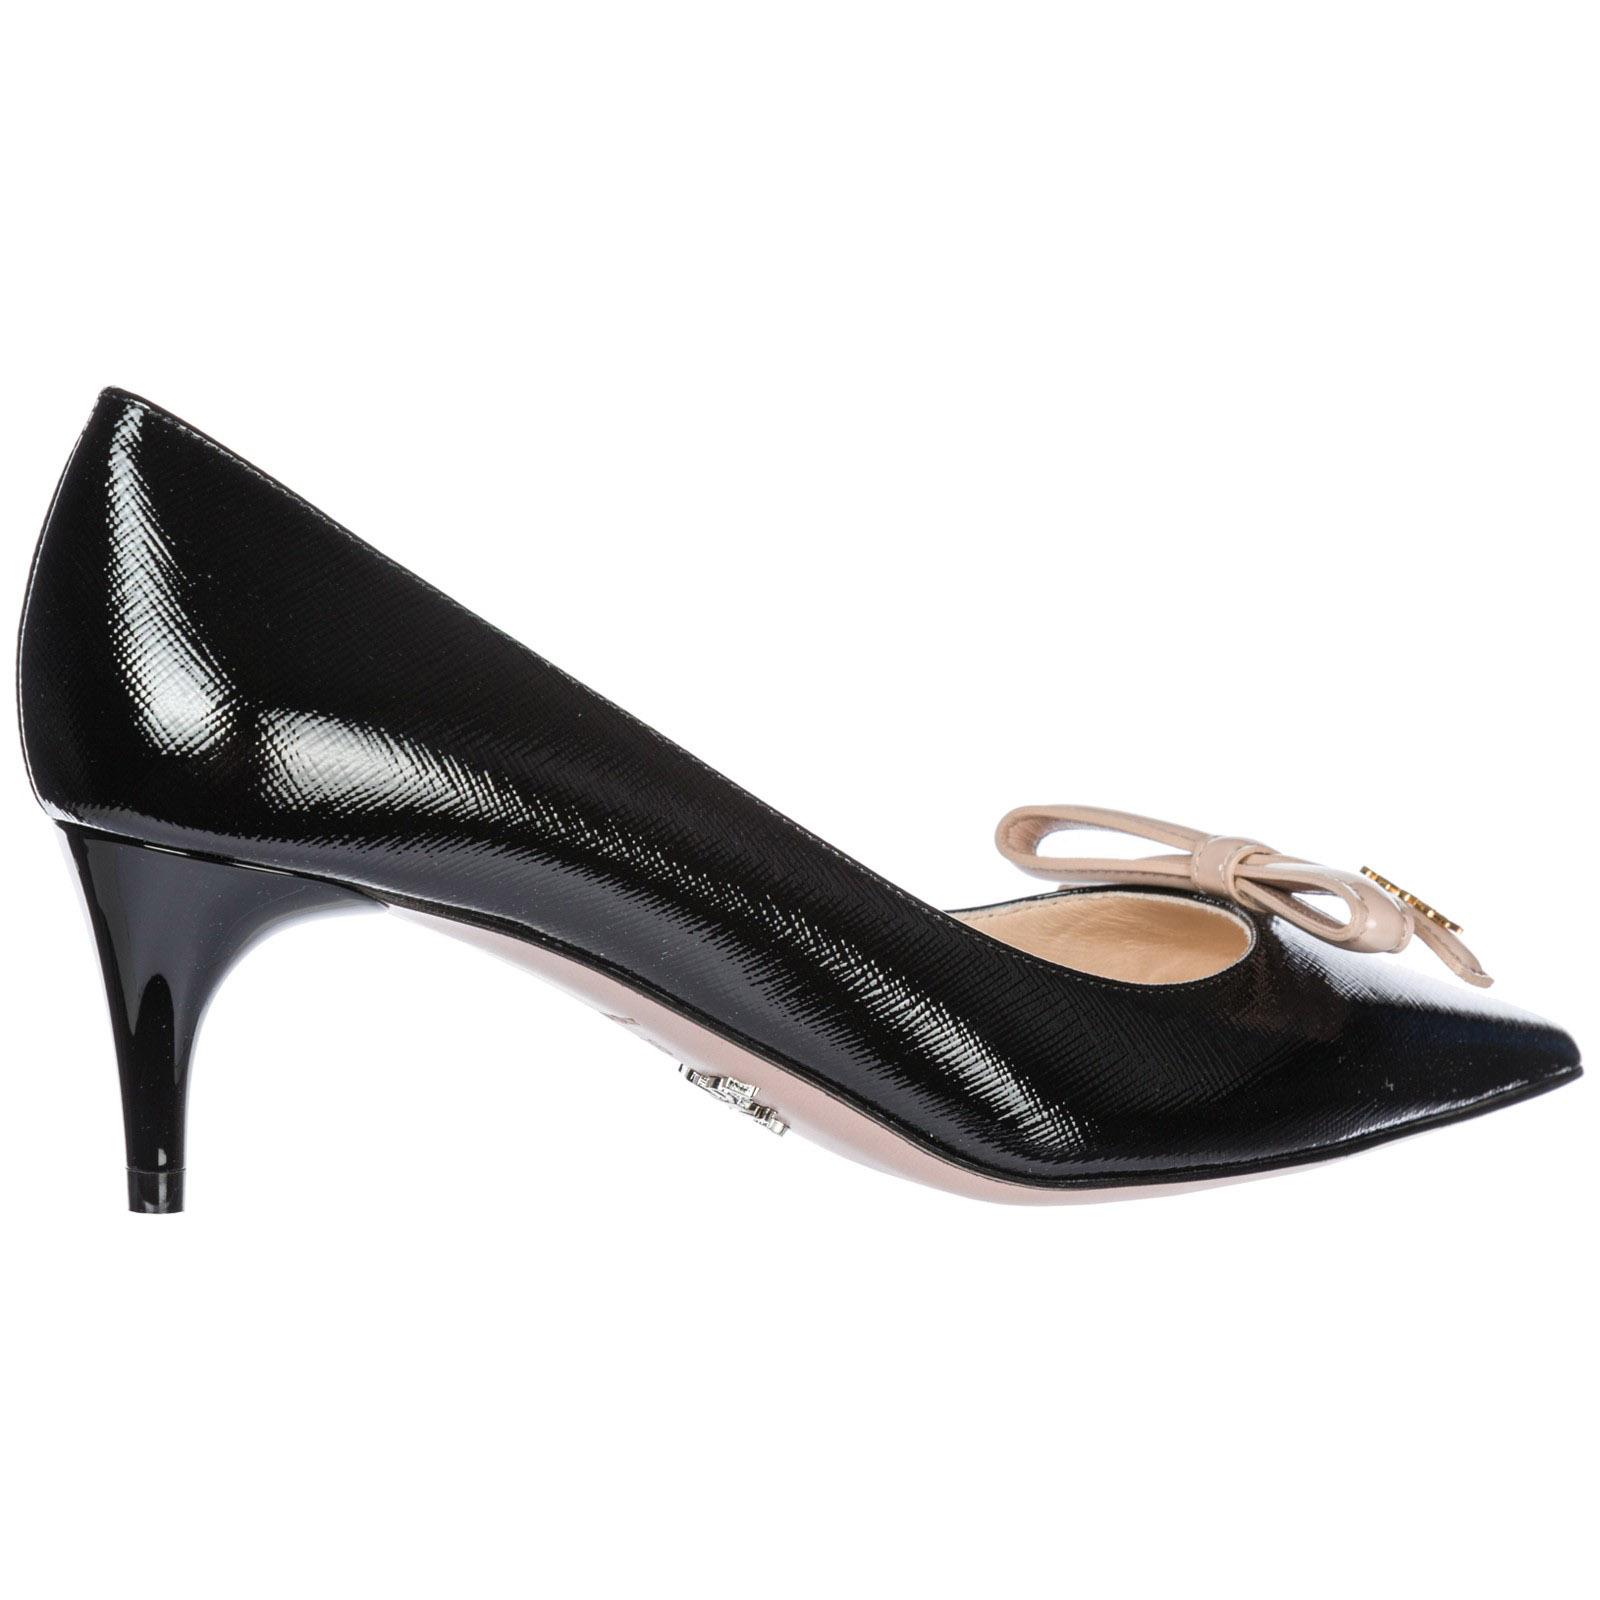 ... Decolletes decoltè scarpe donna con tacco pelle ... fb8d080a891